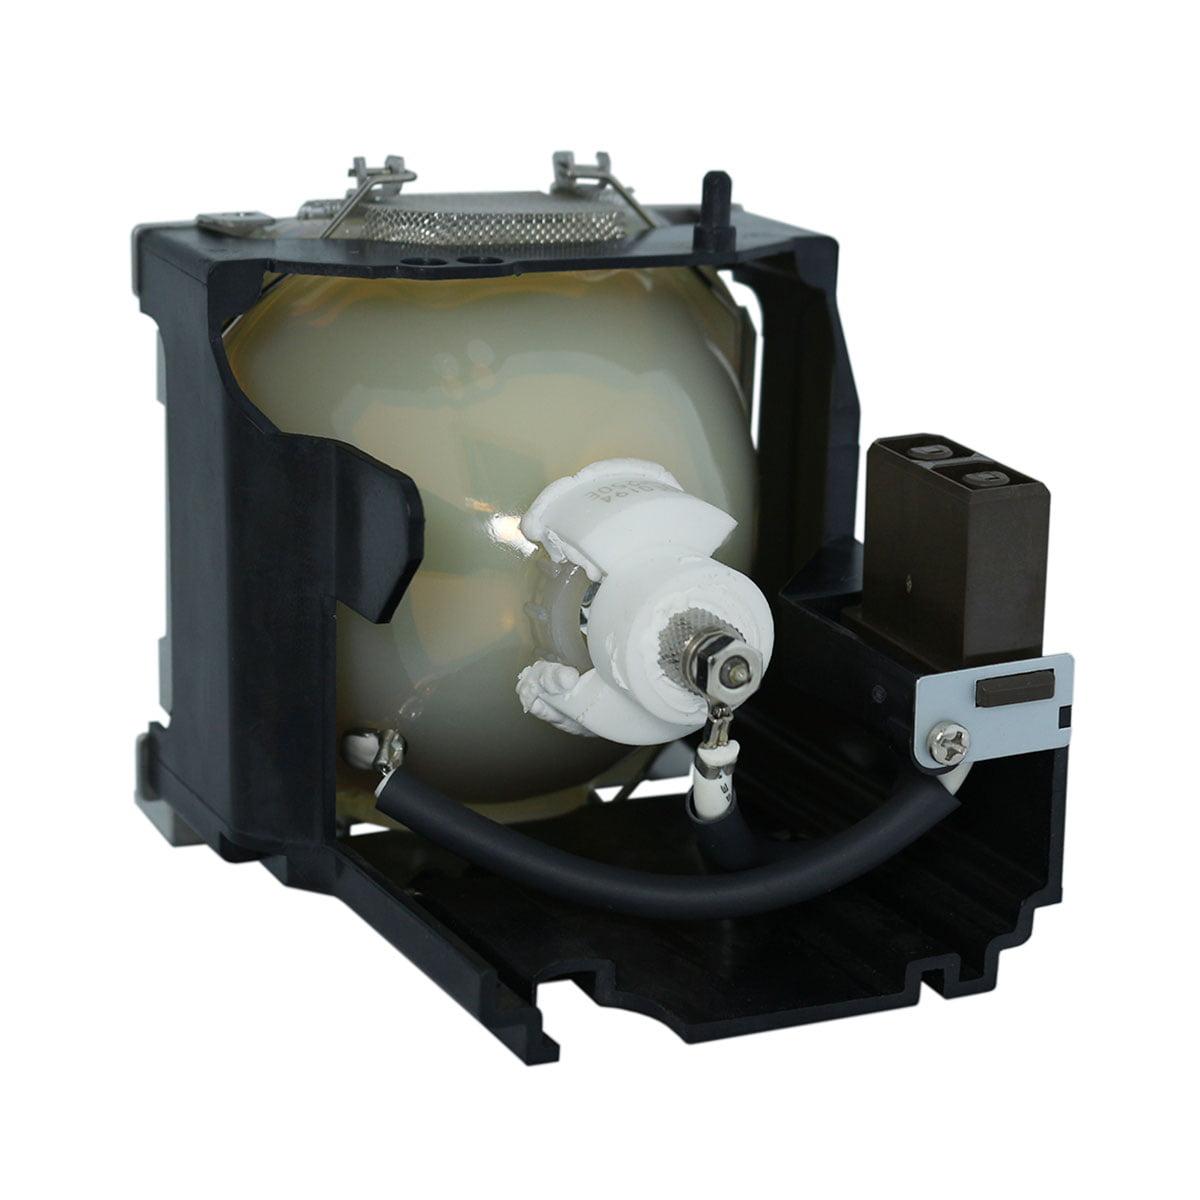 Lutema Platinum pour Liesegang ZU0287-04-4010 lampe de Projecteur avec bo�tier (ampoule Philips originale � l'int�rieur) - image 1 de 5